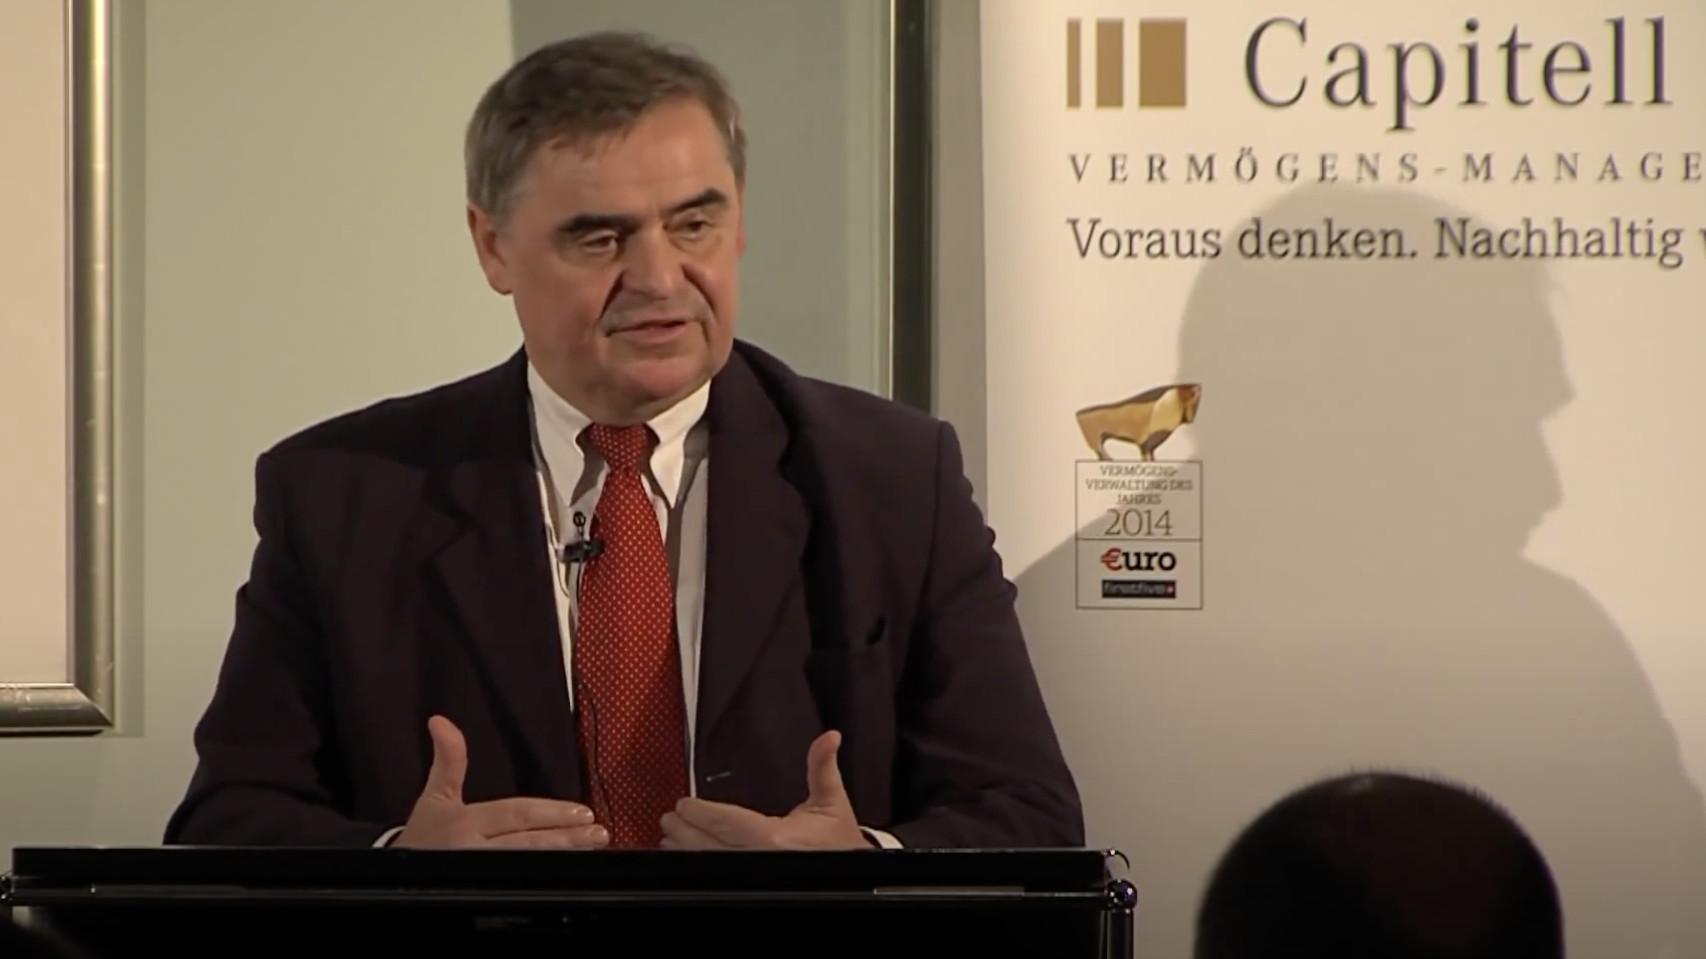 Capitell-Jahresauftakt: Verfassungsrichter Peter Müller zu Gast